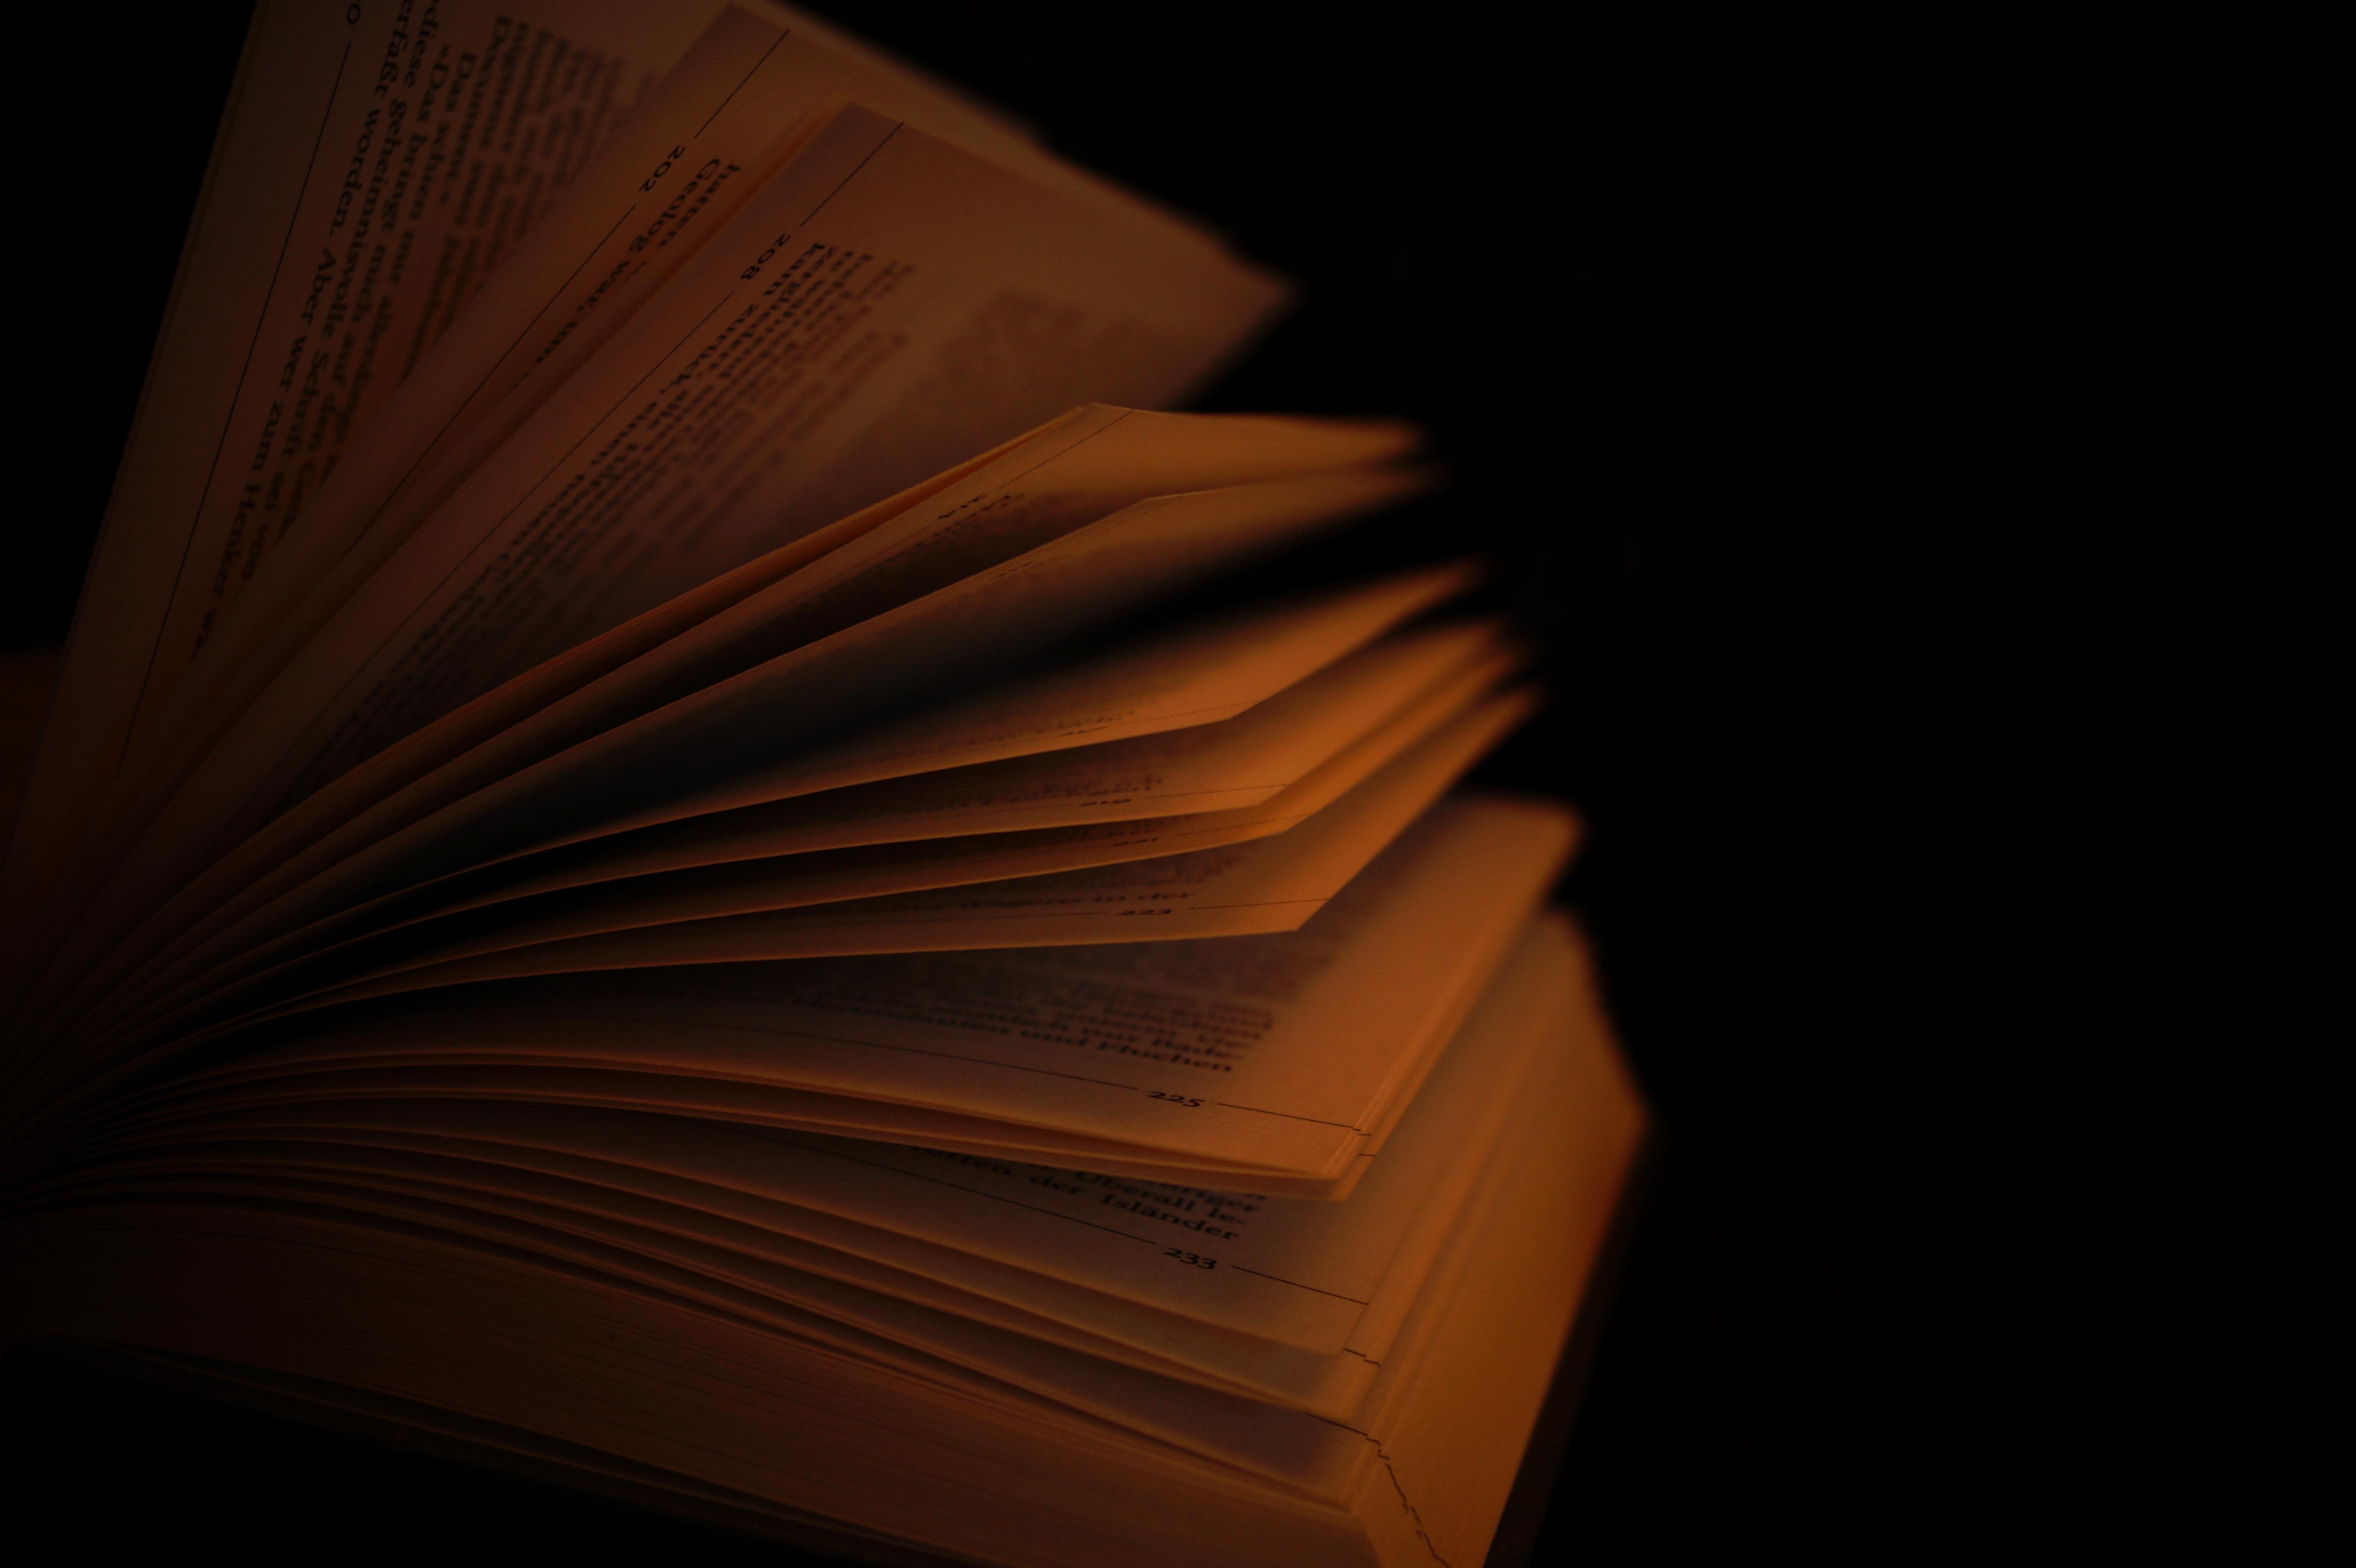 Book Cover Photography Zipline : Koleksi gambar wallpaper buku terbaru sapawarga